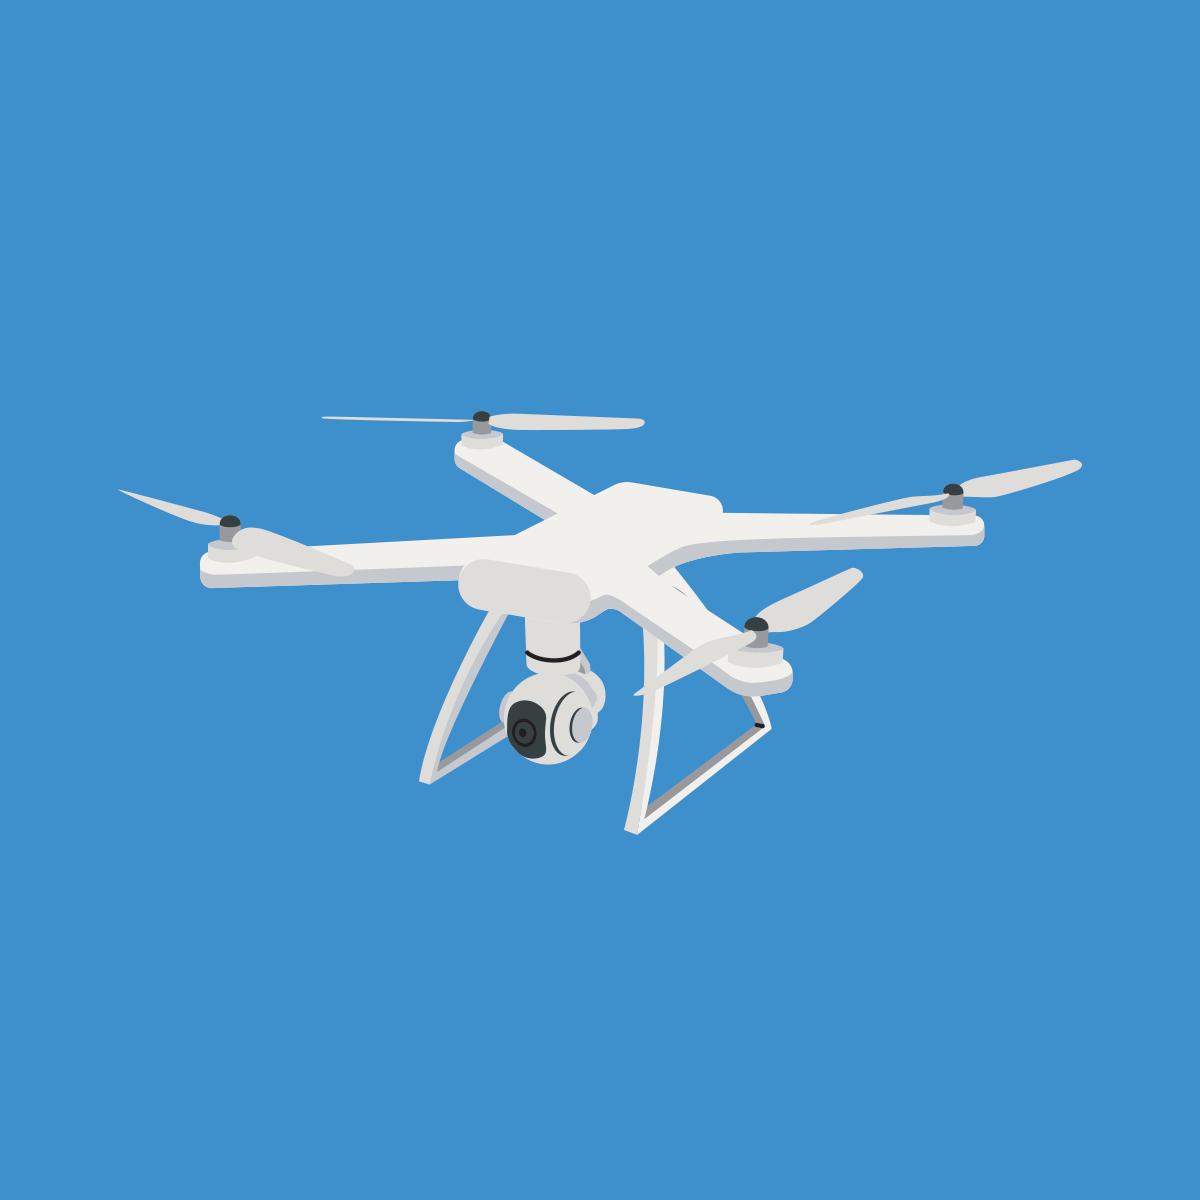 72 drones